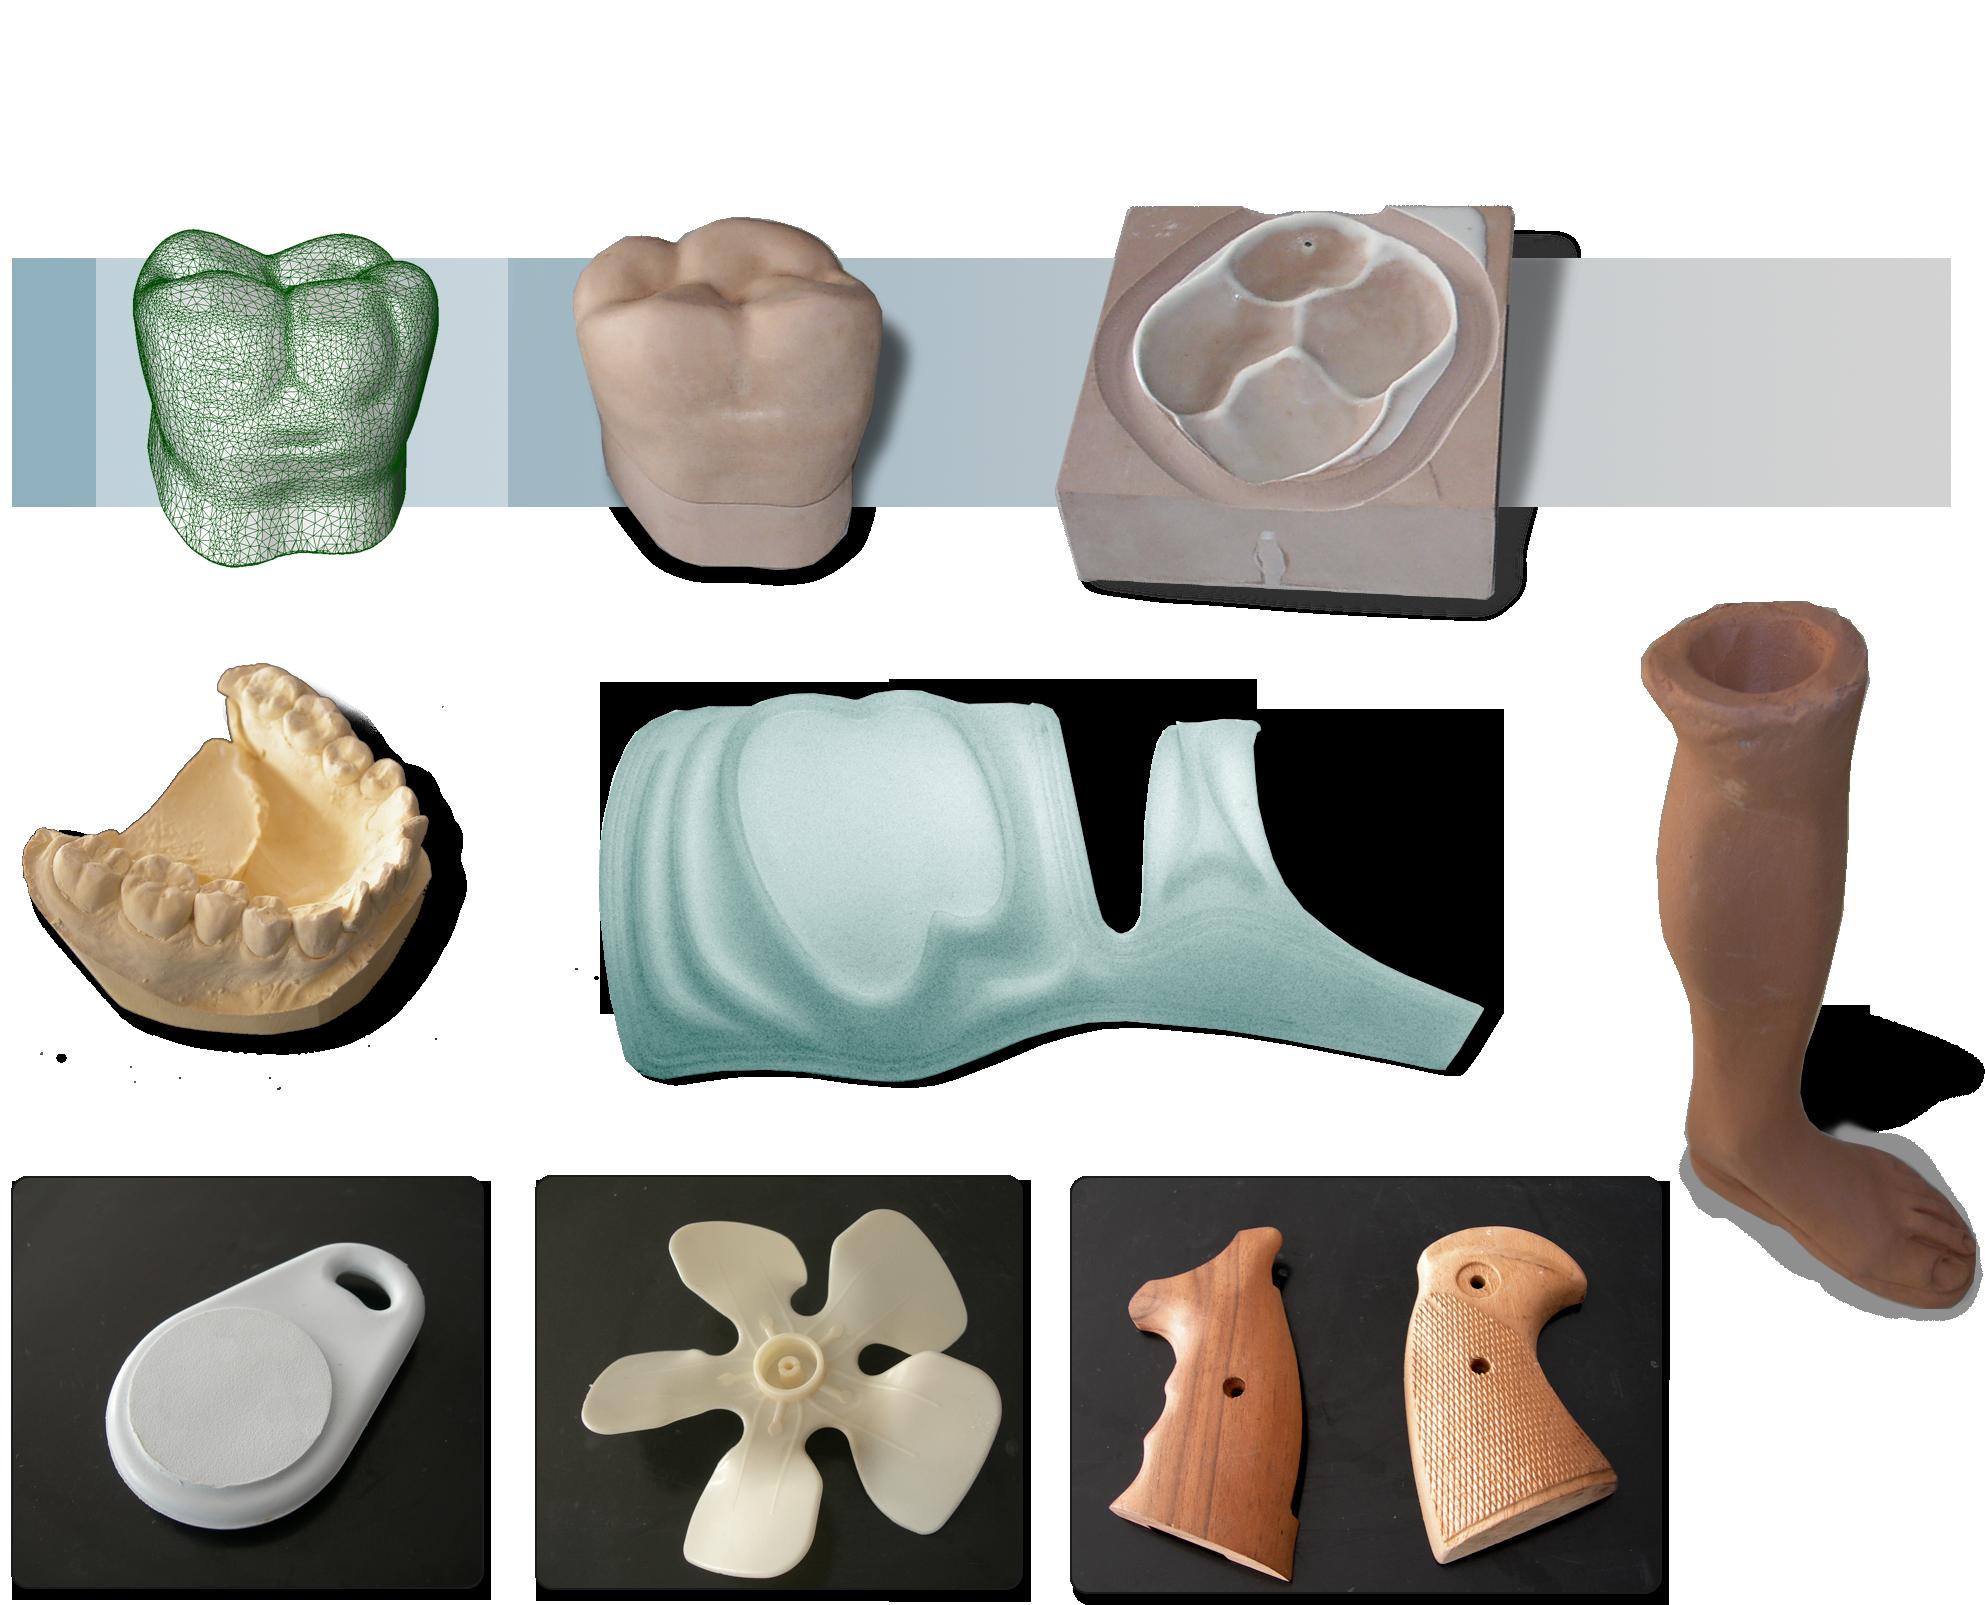 Stampa 3D – Prototipazione rapida